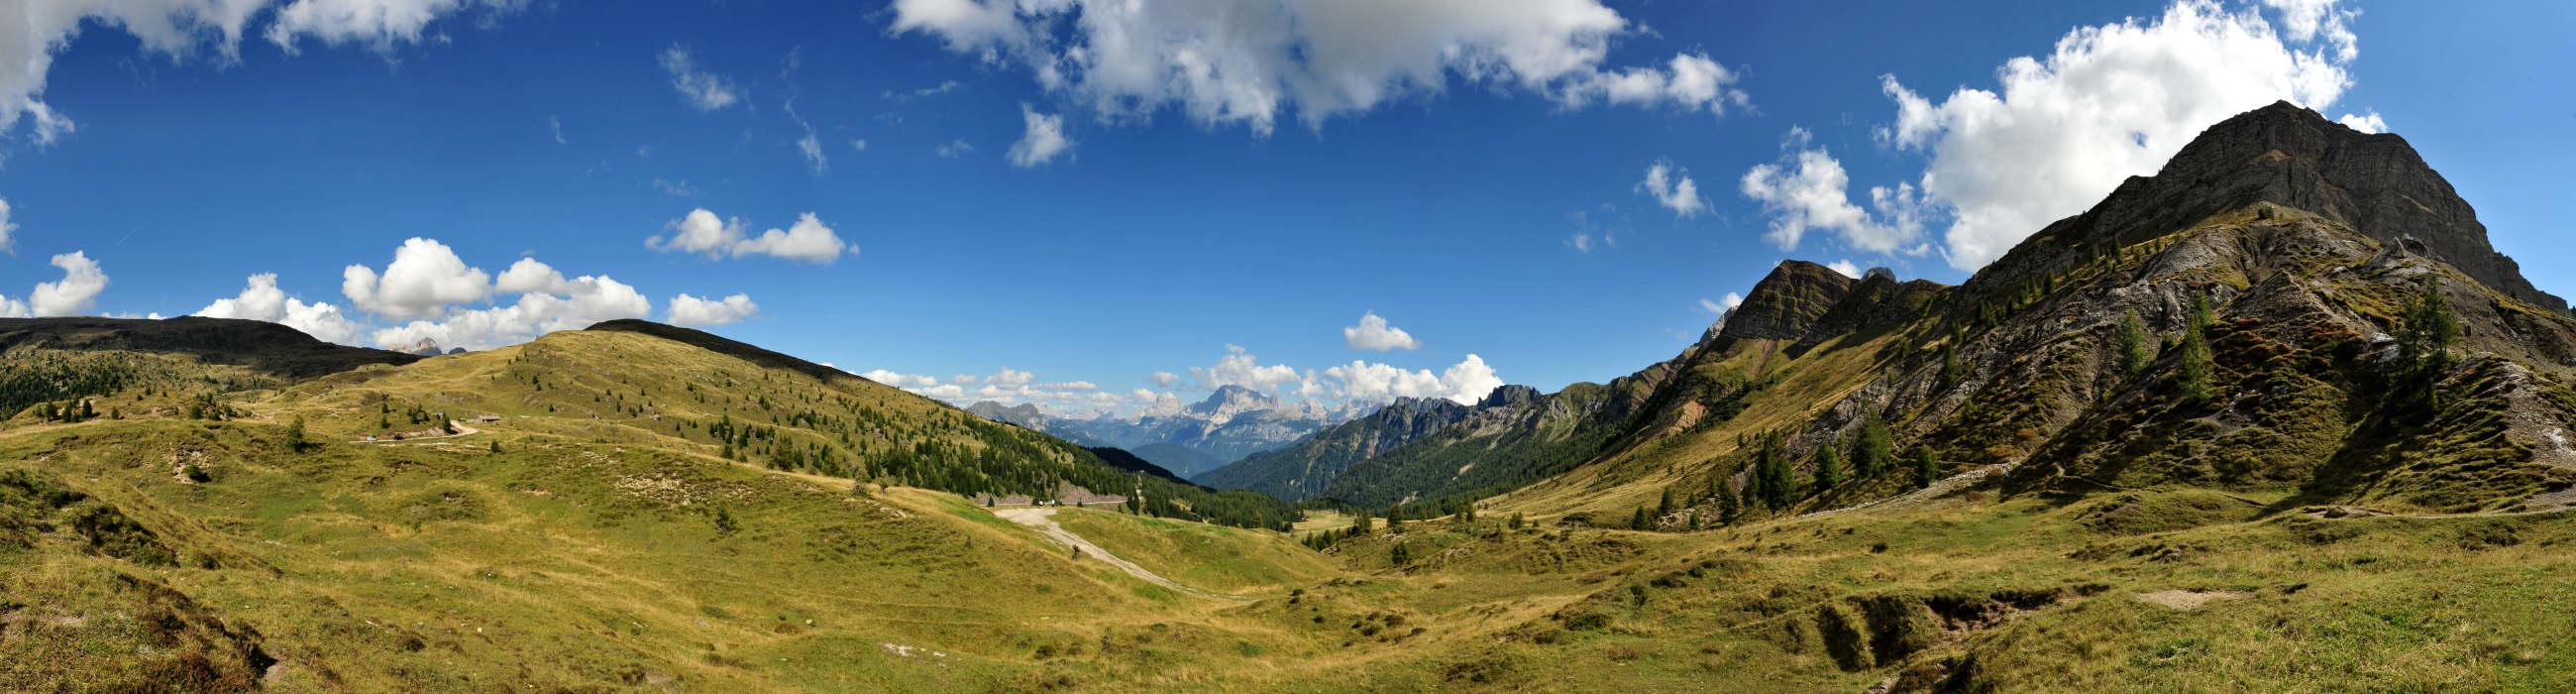 Dolomiti : panoramica dal passo Valles nel gruppo delle ...